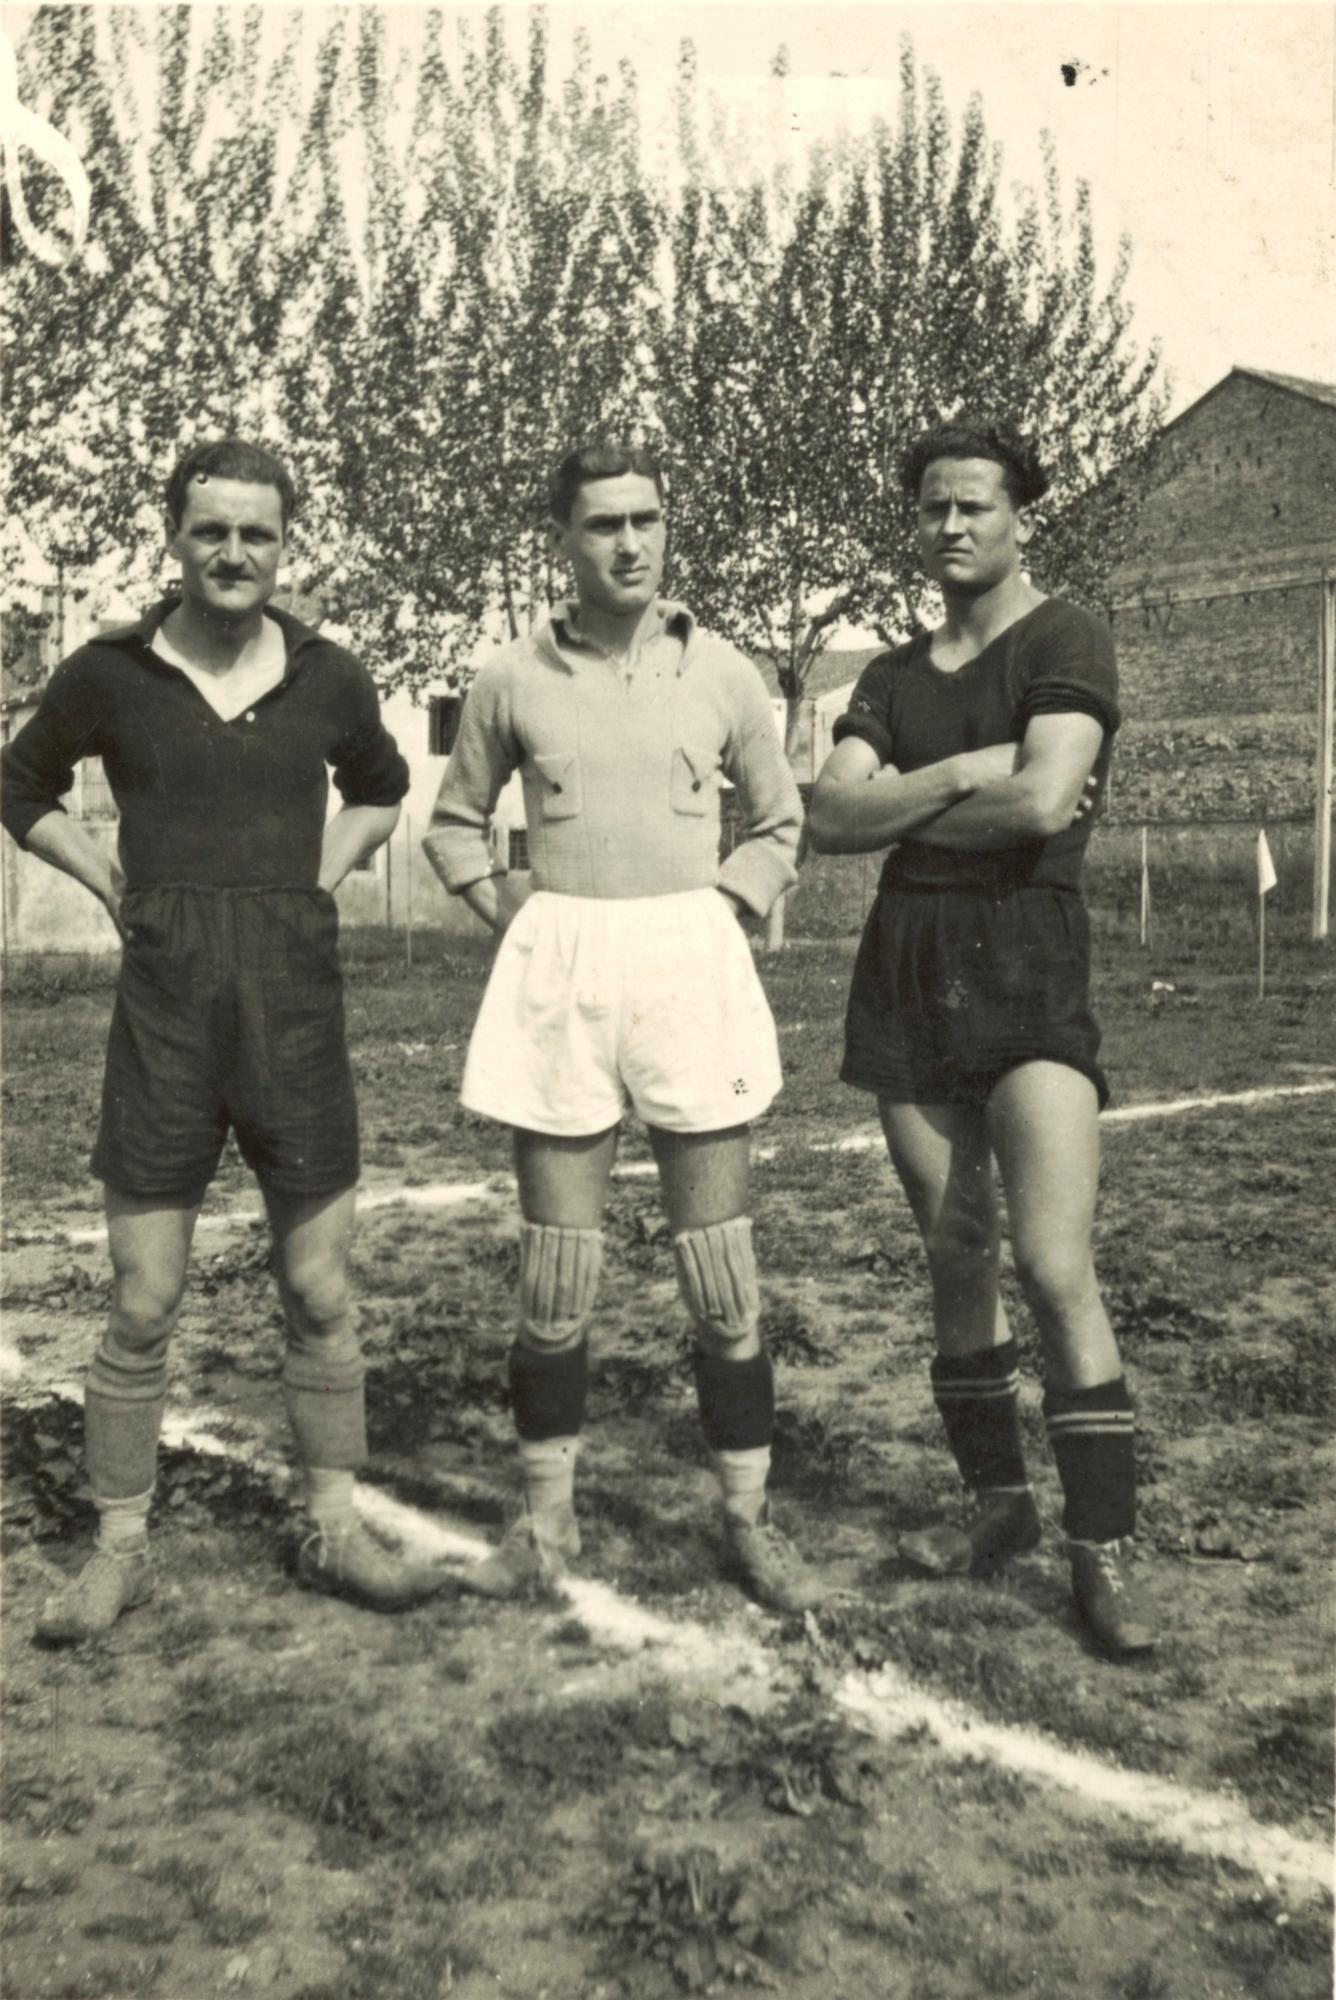 Stanghella, marzo 1938. Da sinistra: Pizzeghello A., Gallinaro, Pizzeghello B.